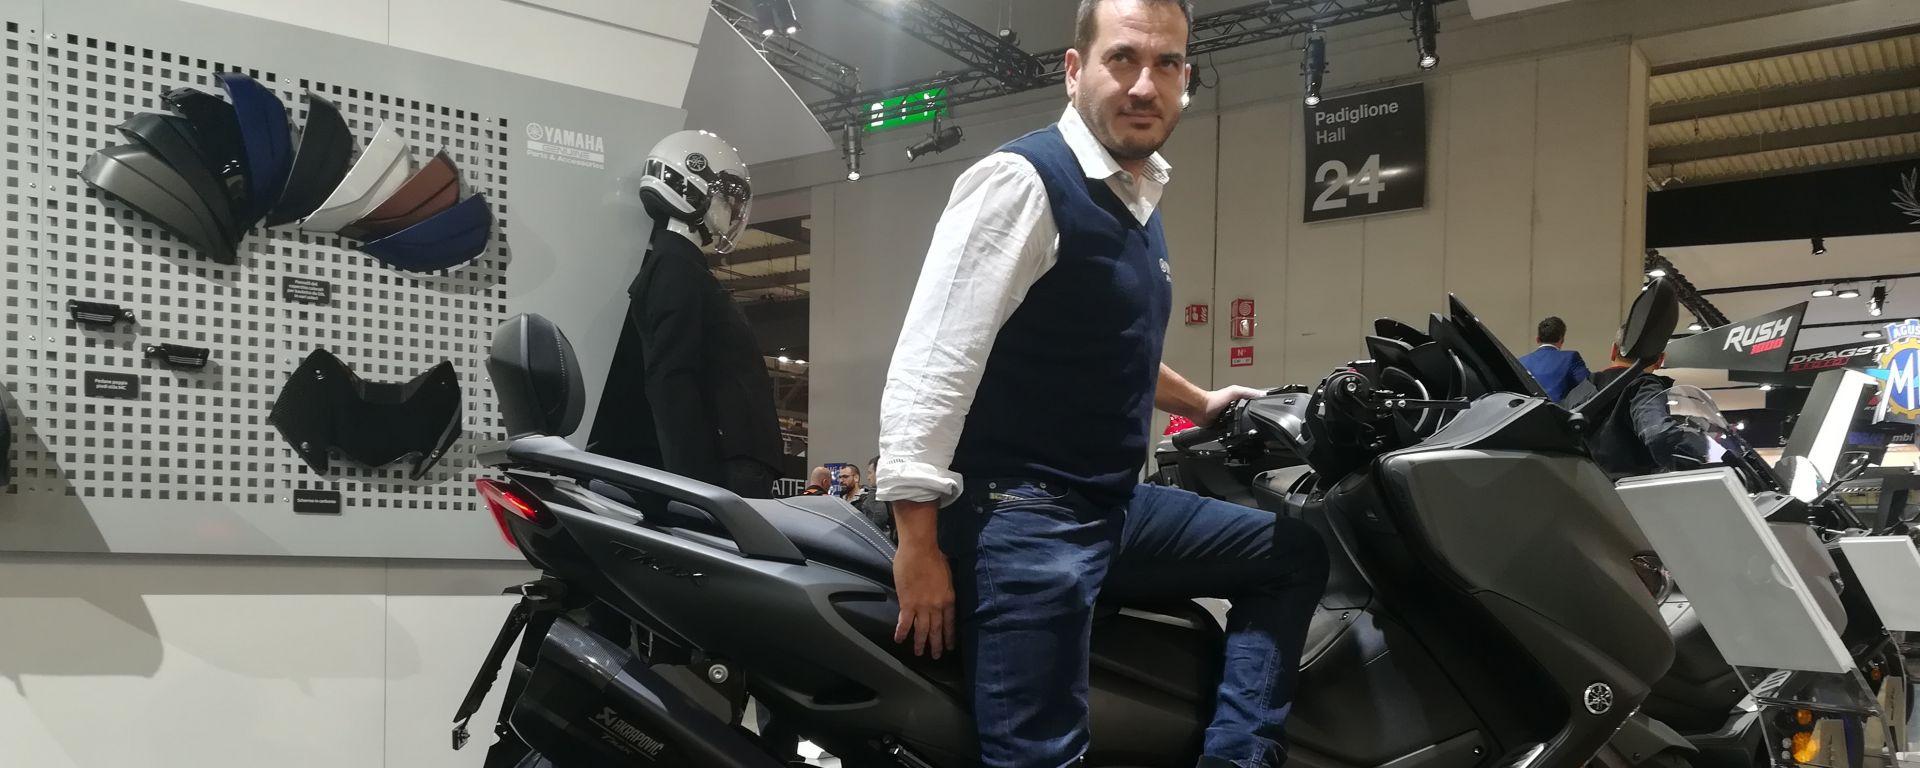 Eicma 2019, le novità allo stand Yamaha